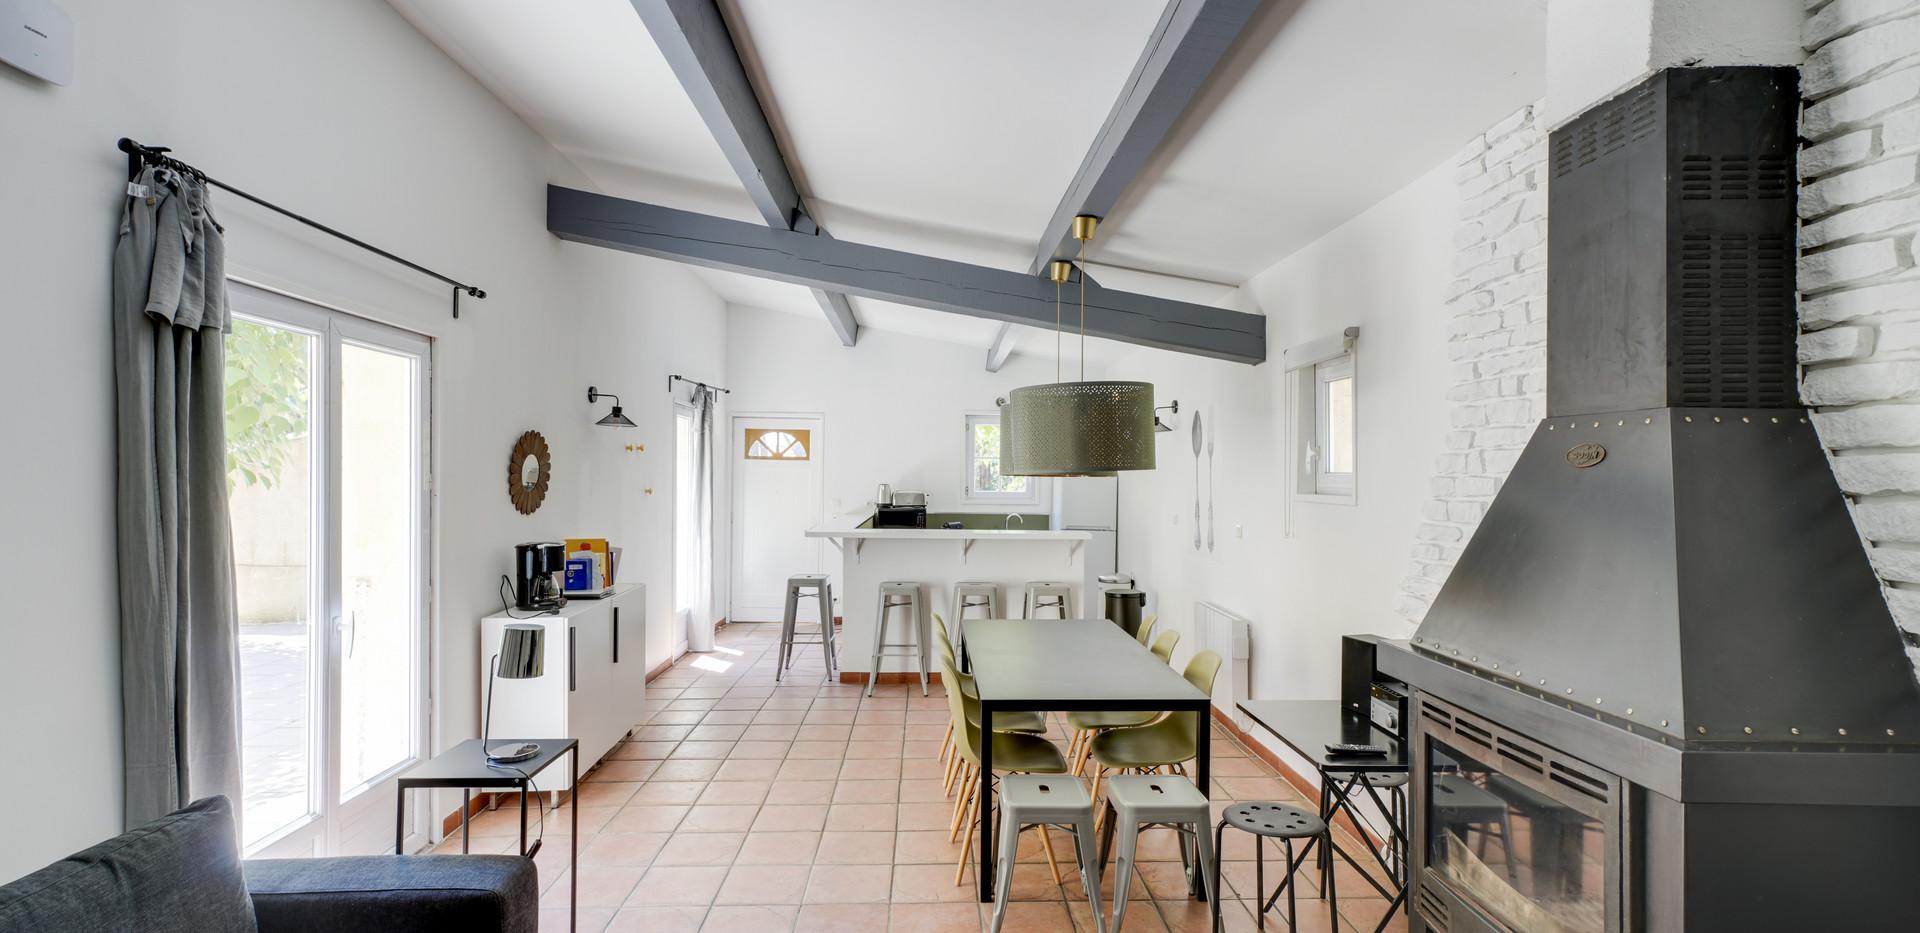 Maison des Voyageurs, Mas Saint-Gens, holday rental